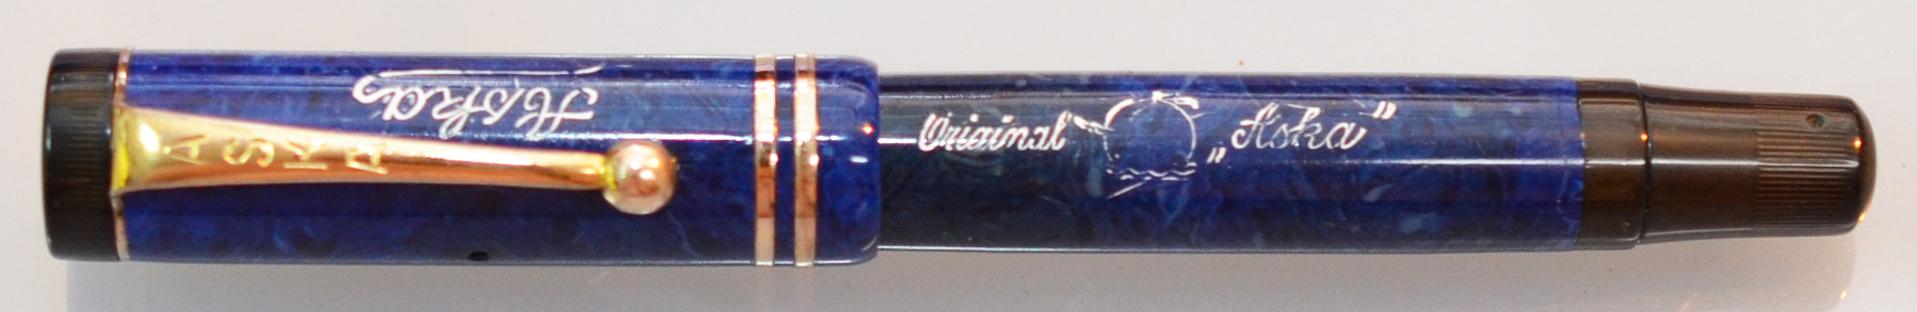 Hier noch ein Original ASKA als Kolbenfüller